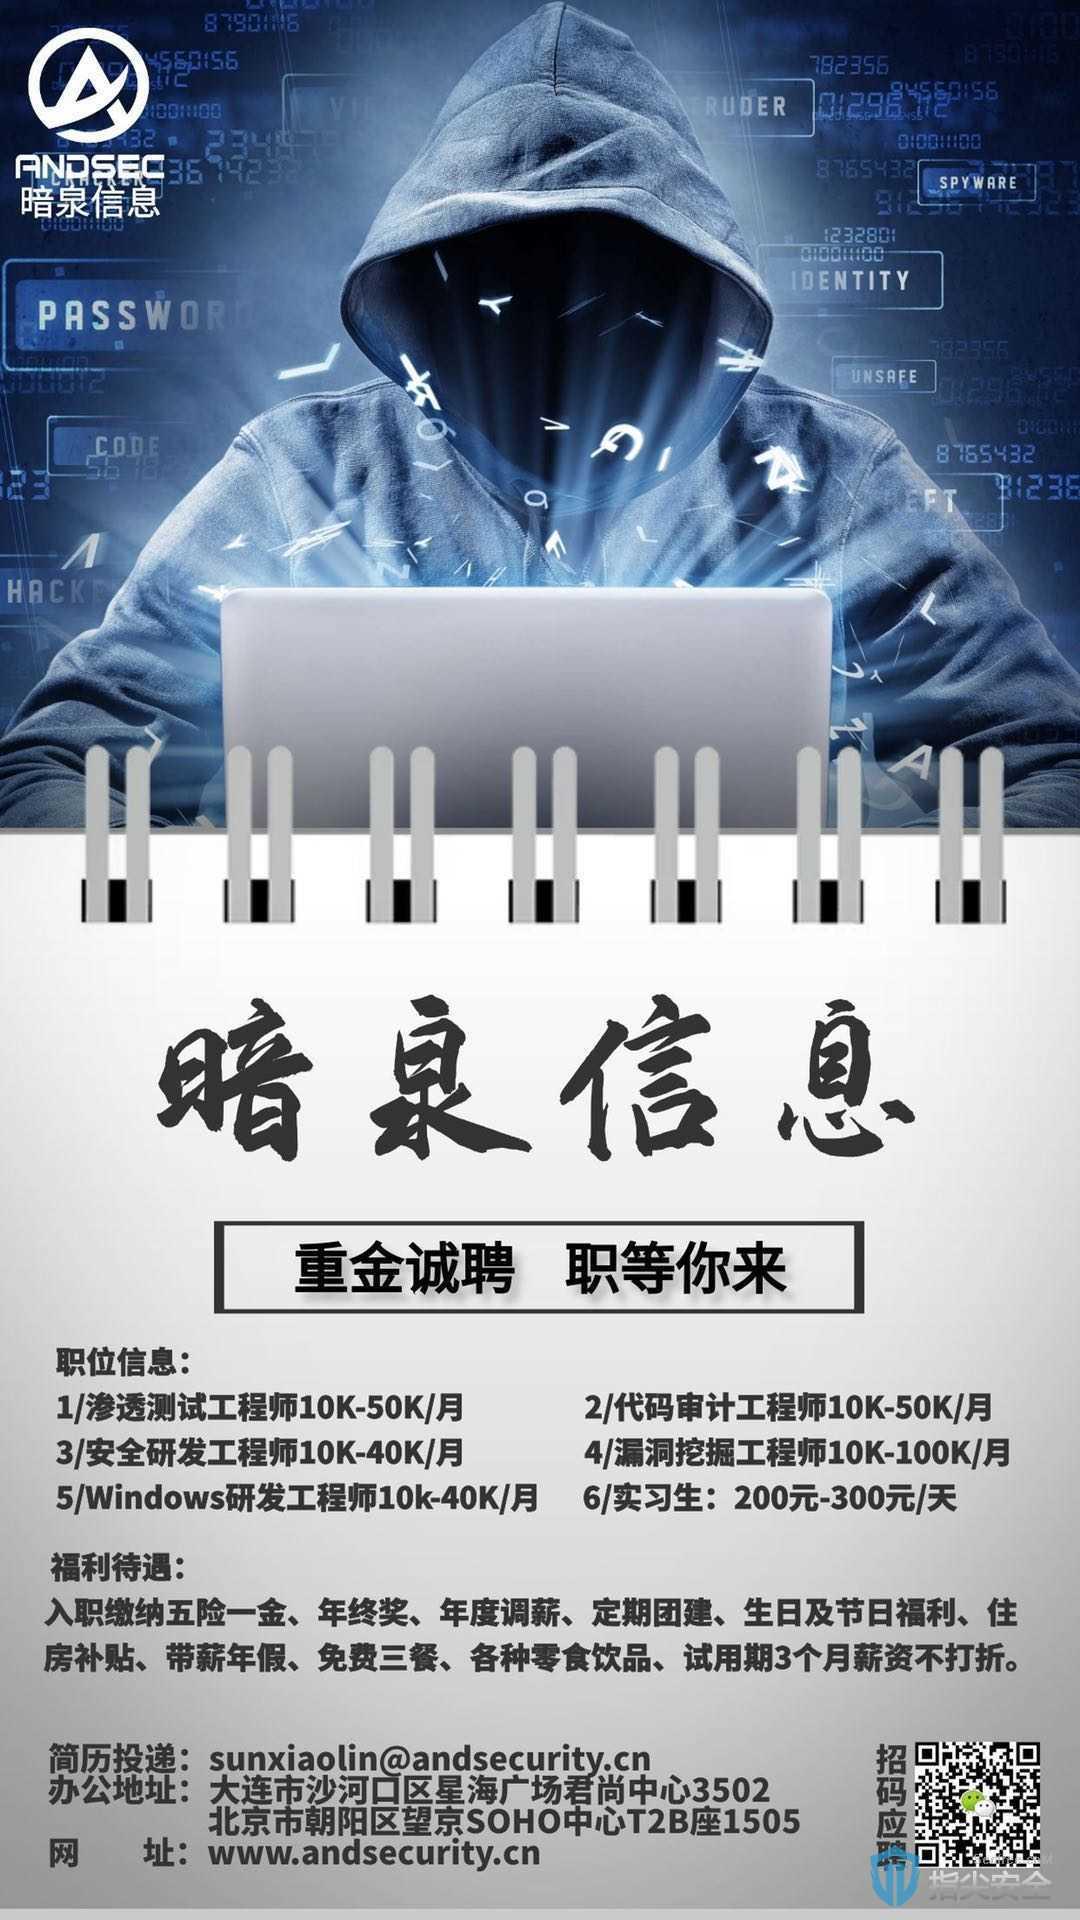 暗泉信息高薪诚聘-BASE:大连/北京